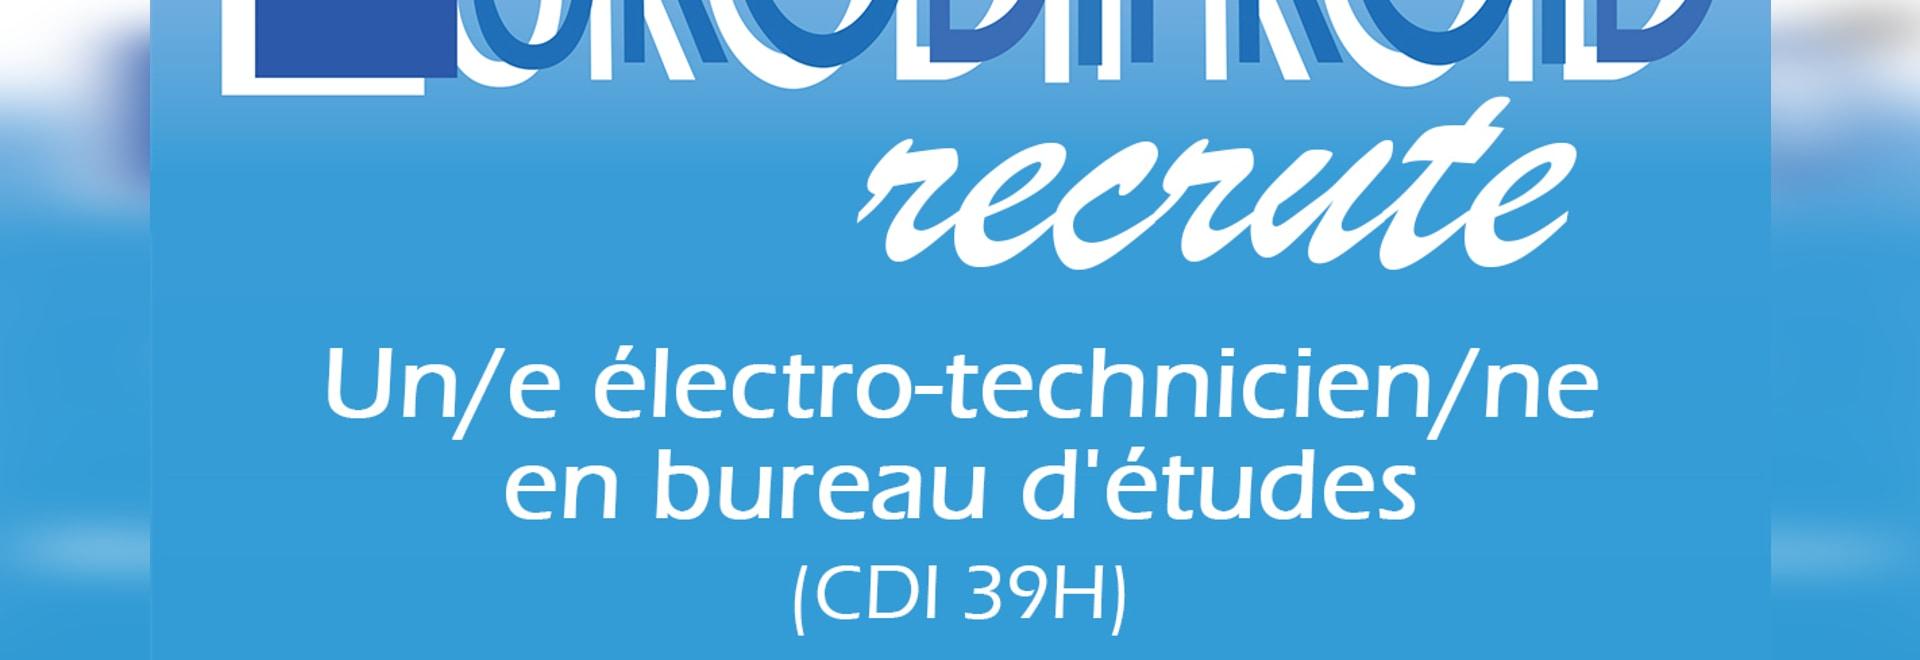 Eurodifroid recrute !